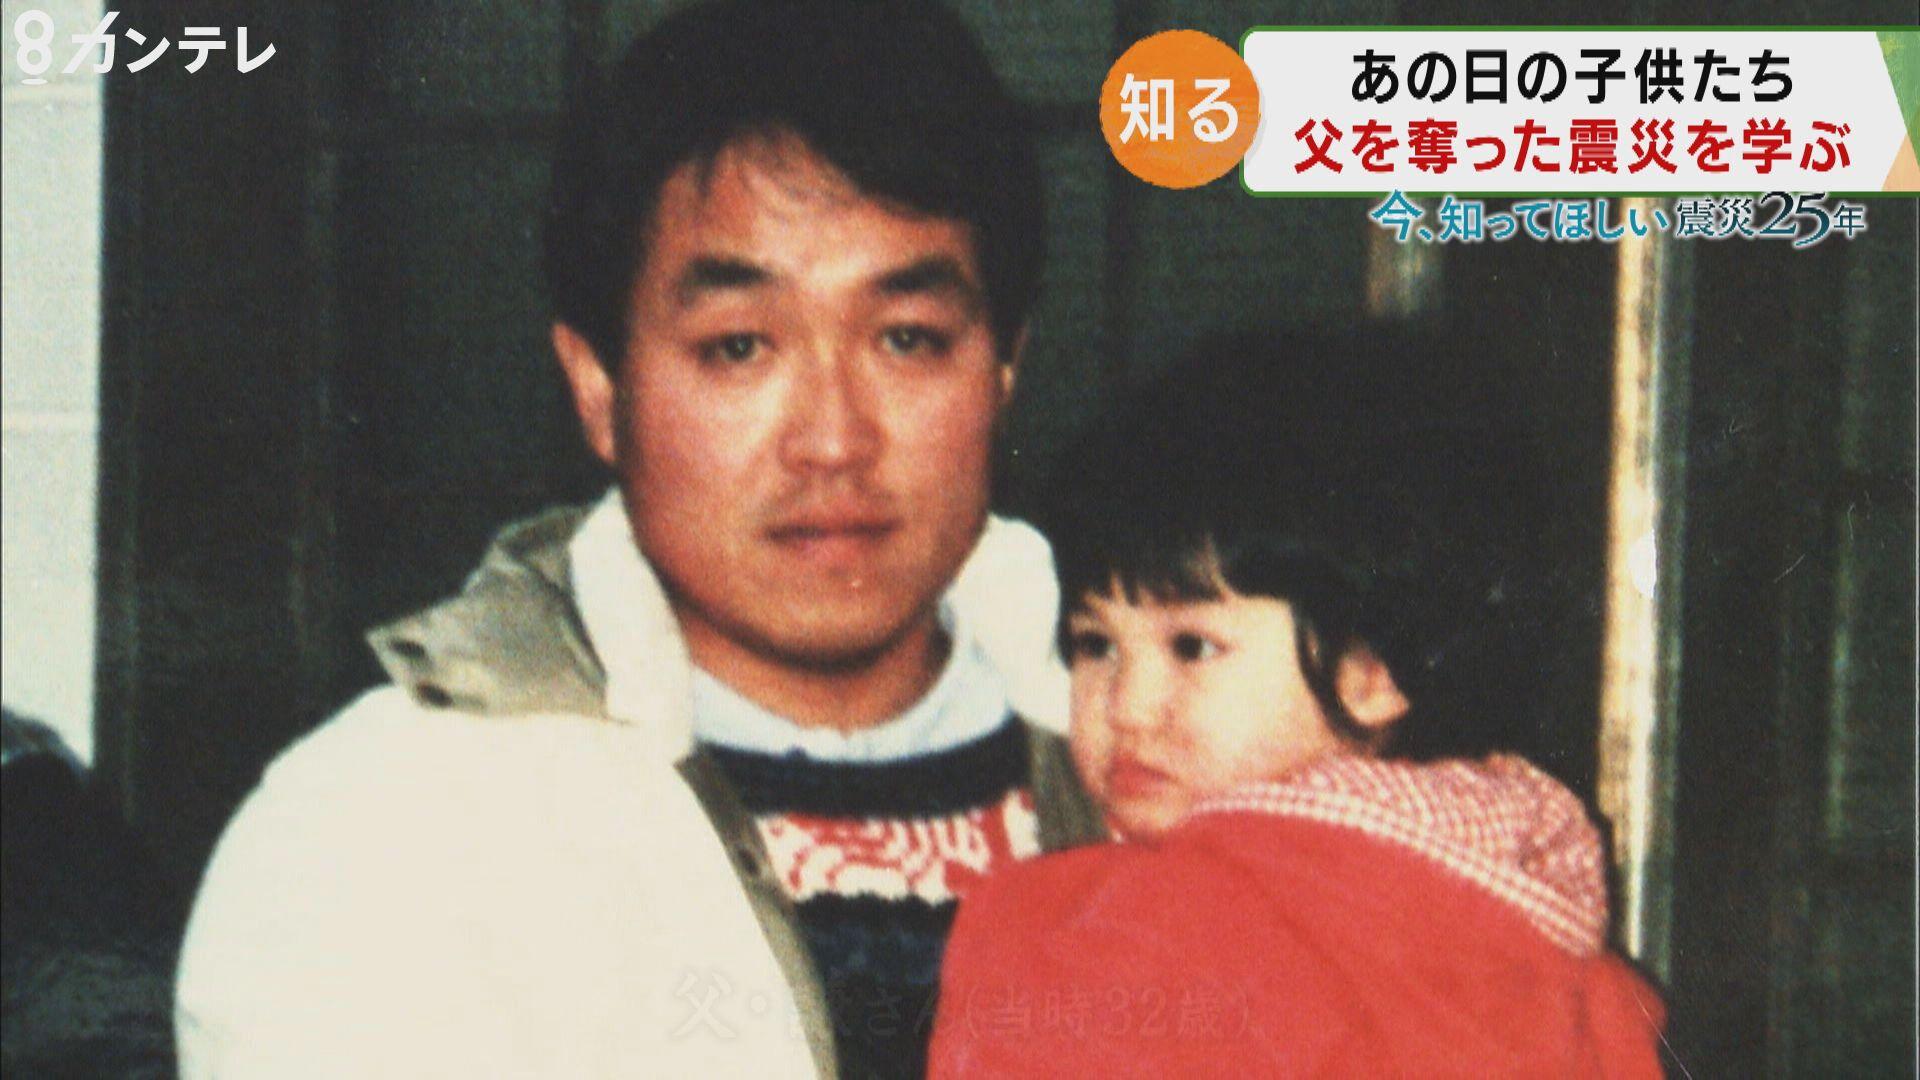 『親の年齢に近づいて…』あの日の子どもたち 震災25年の歩み